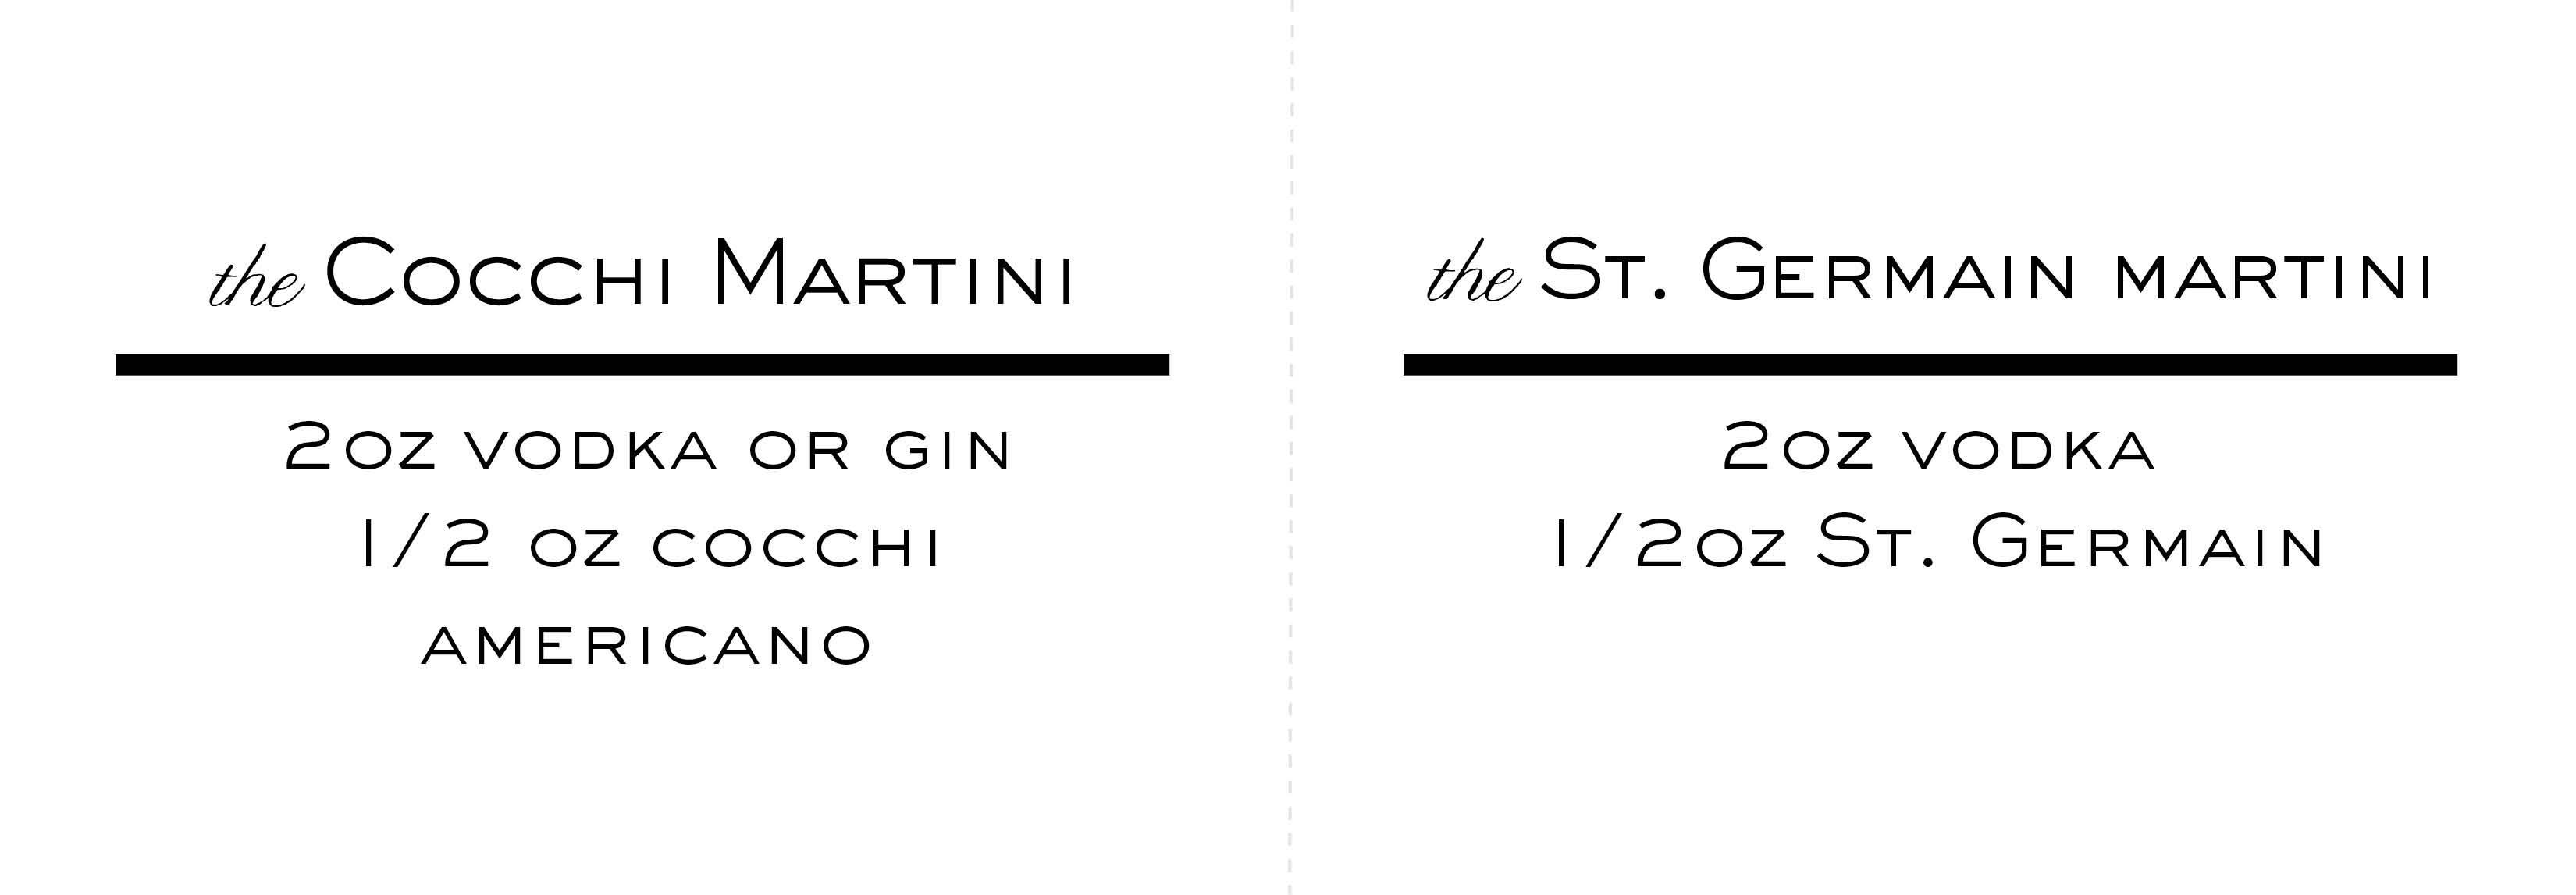 Martini Recipe Tent Cards3